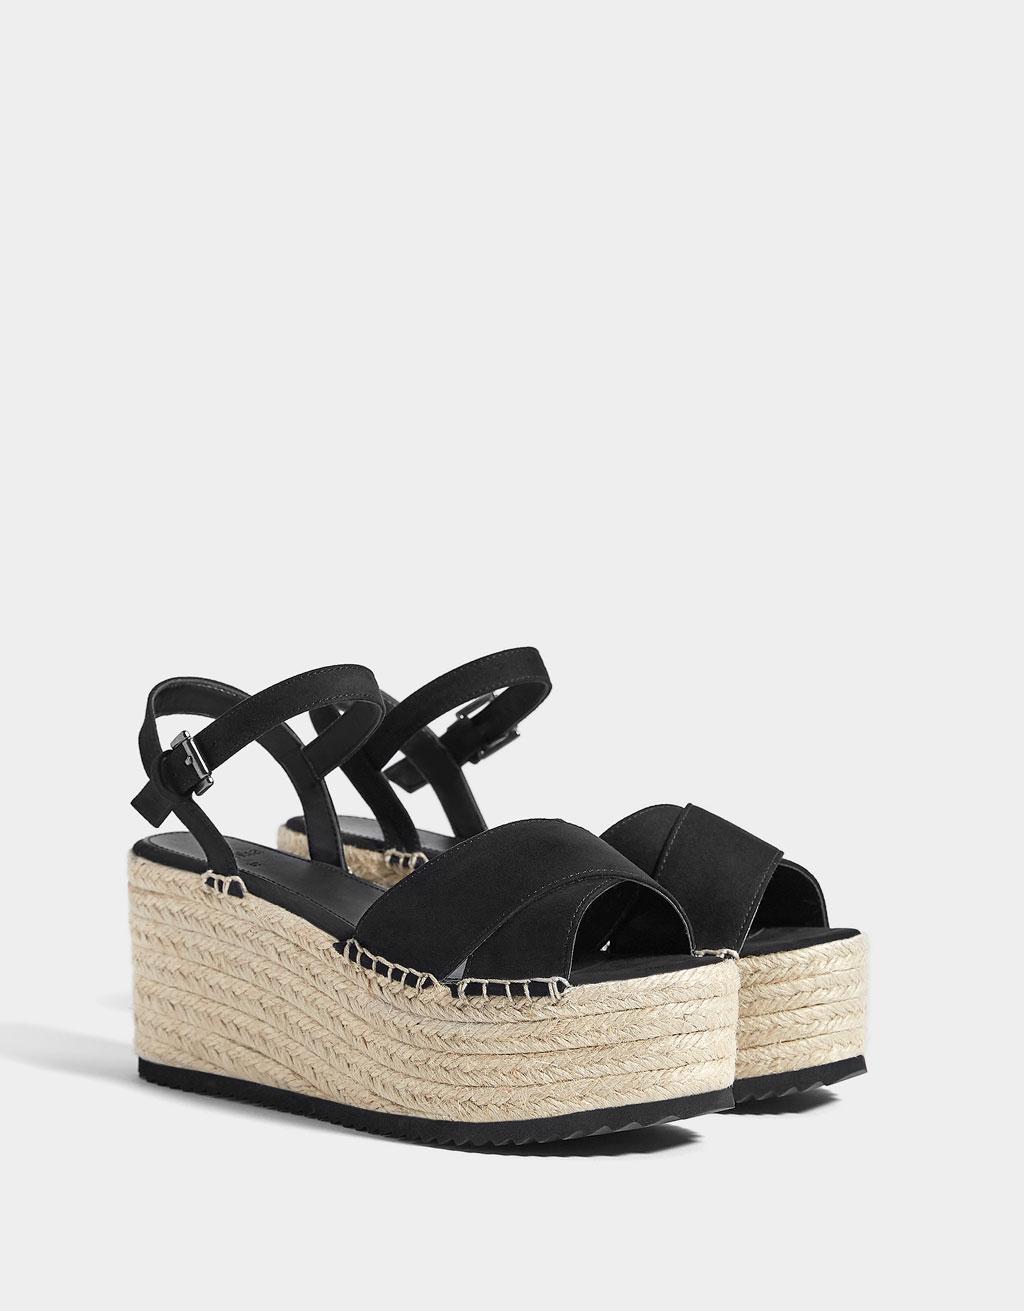 Sandales plateforme jute noires